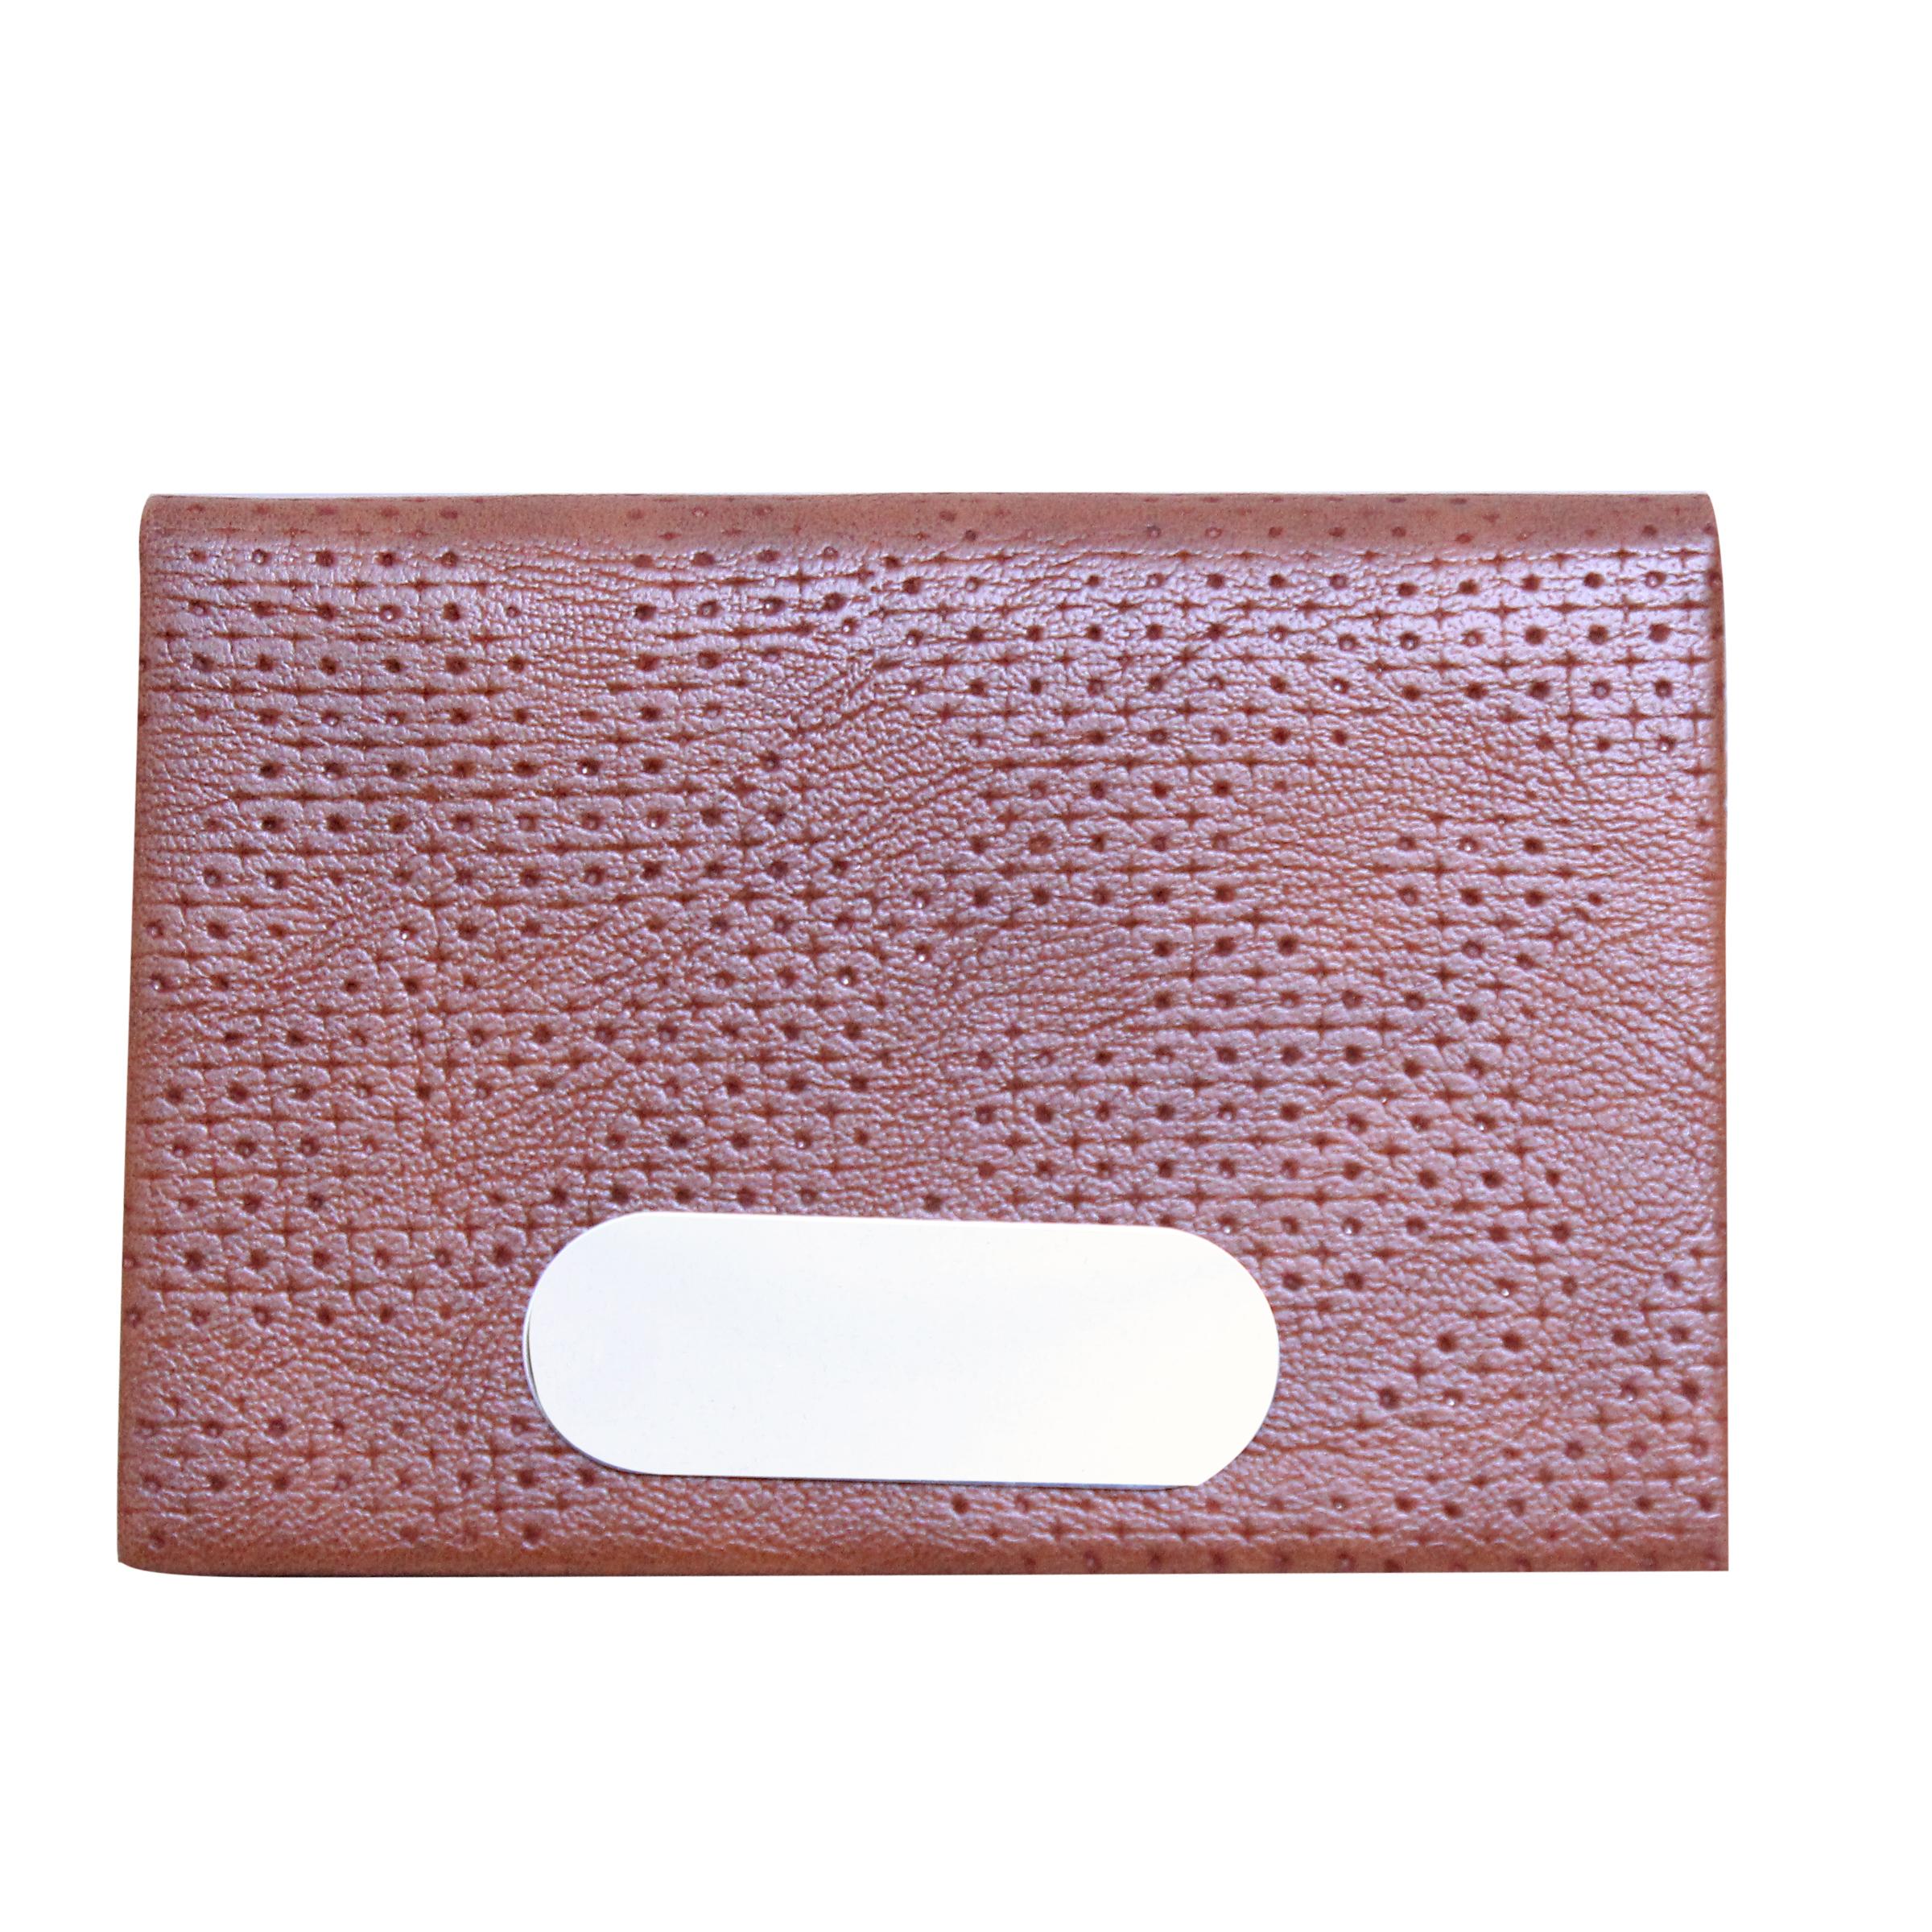 AV Enterprises Card Holder